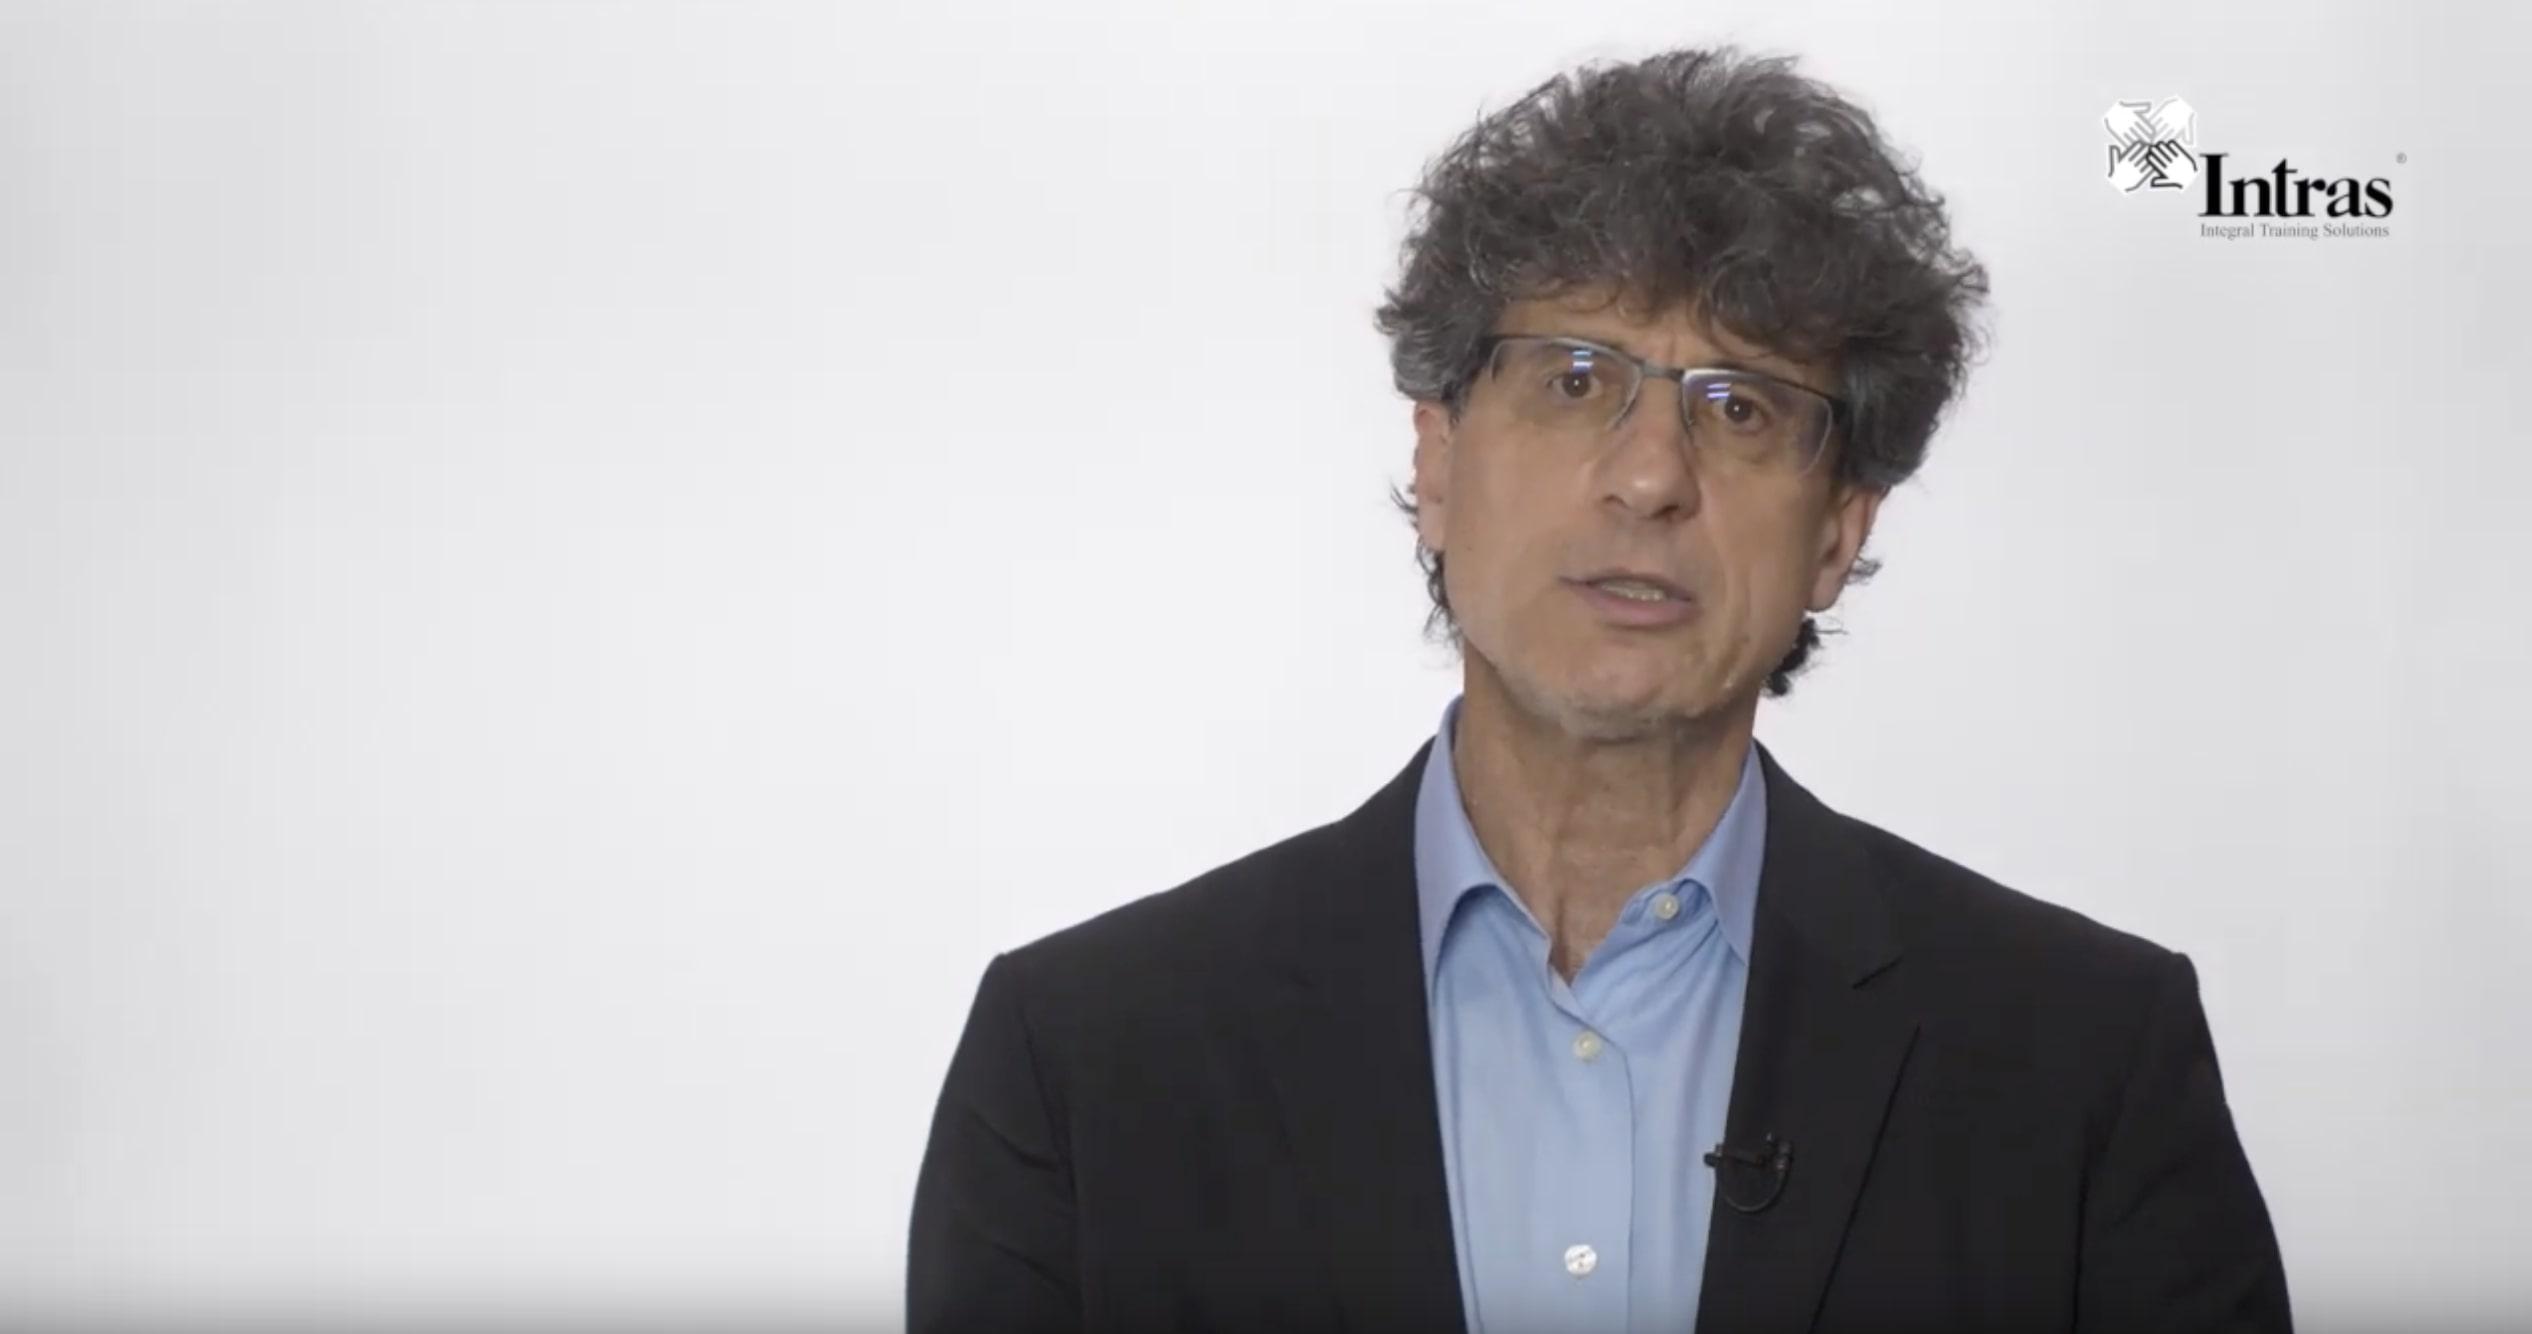 Vídeo – ¿Por qué diseñar experiencias más allá del servicio al cliente?